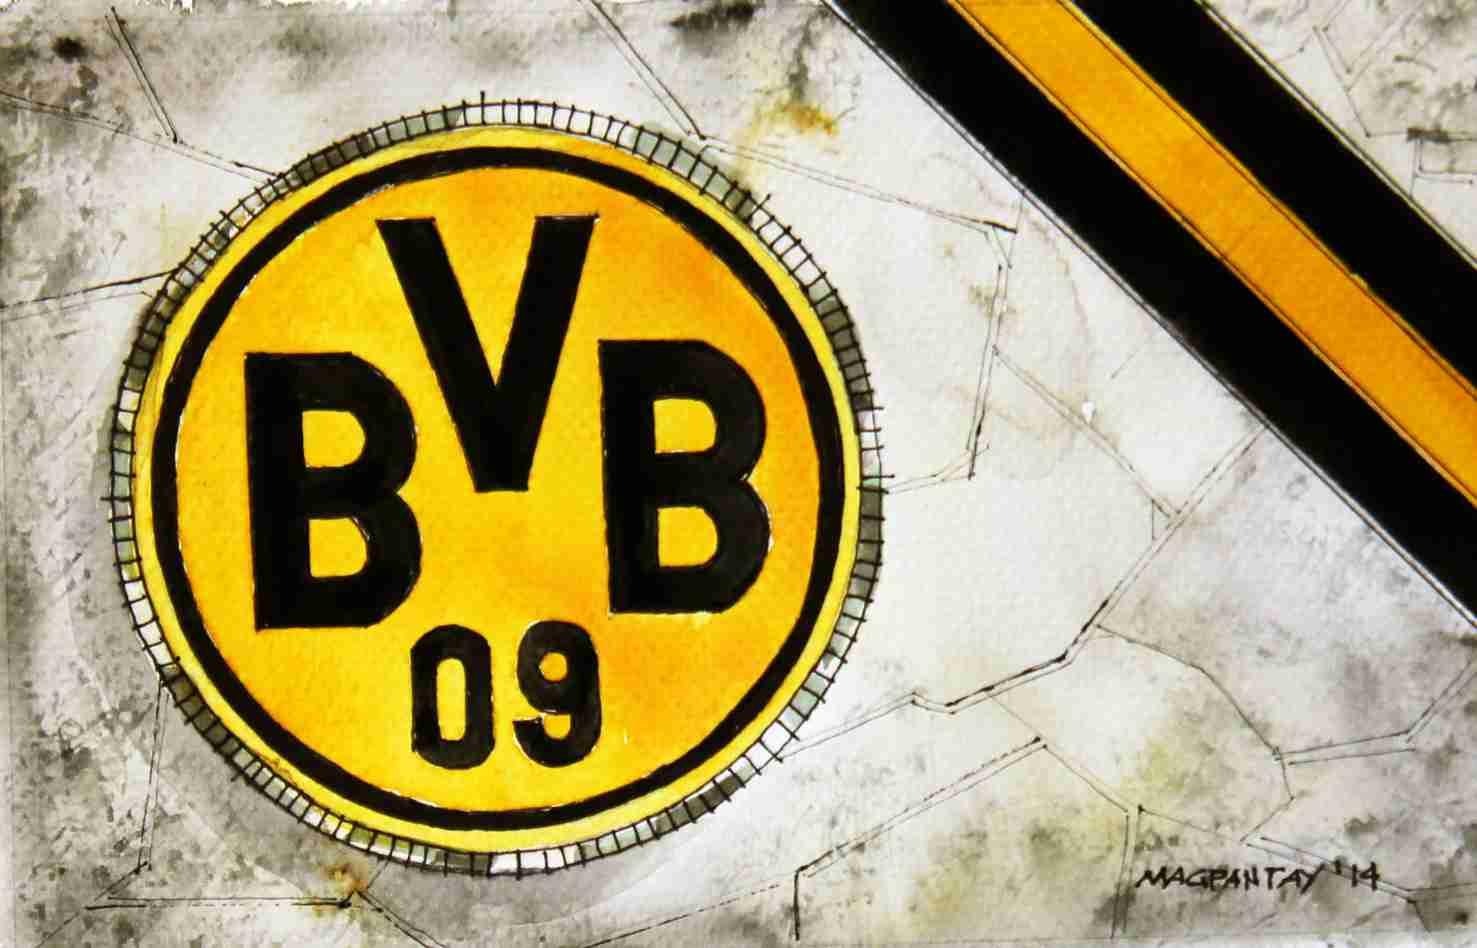 _Borussia Dortmund - Wappen mit Farben